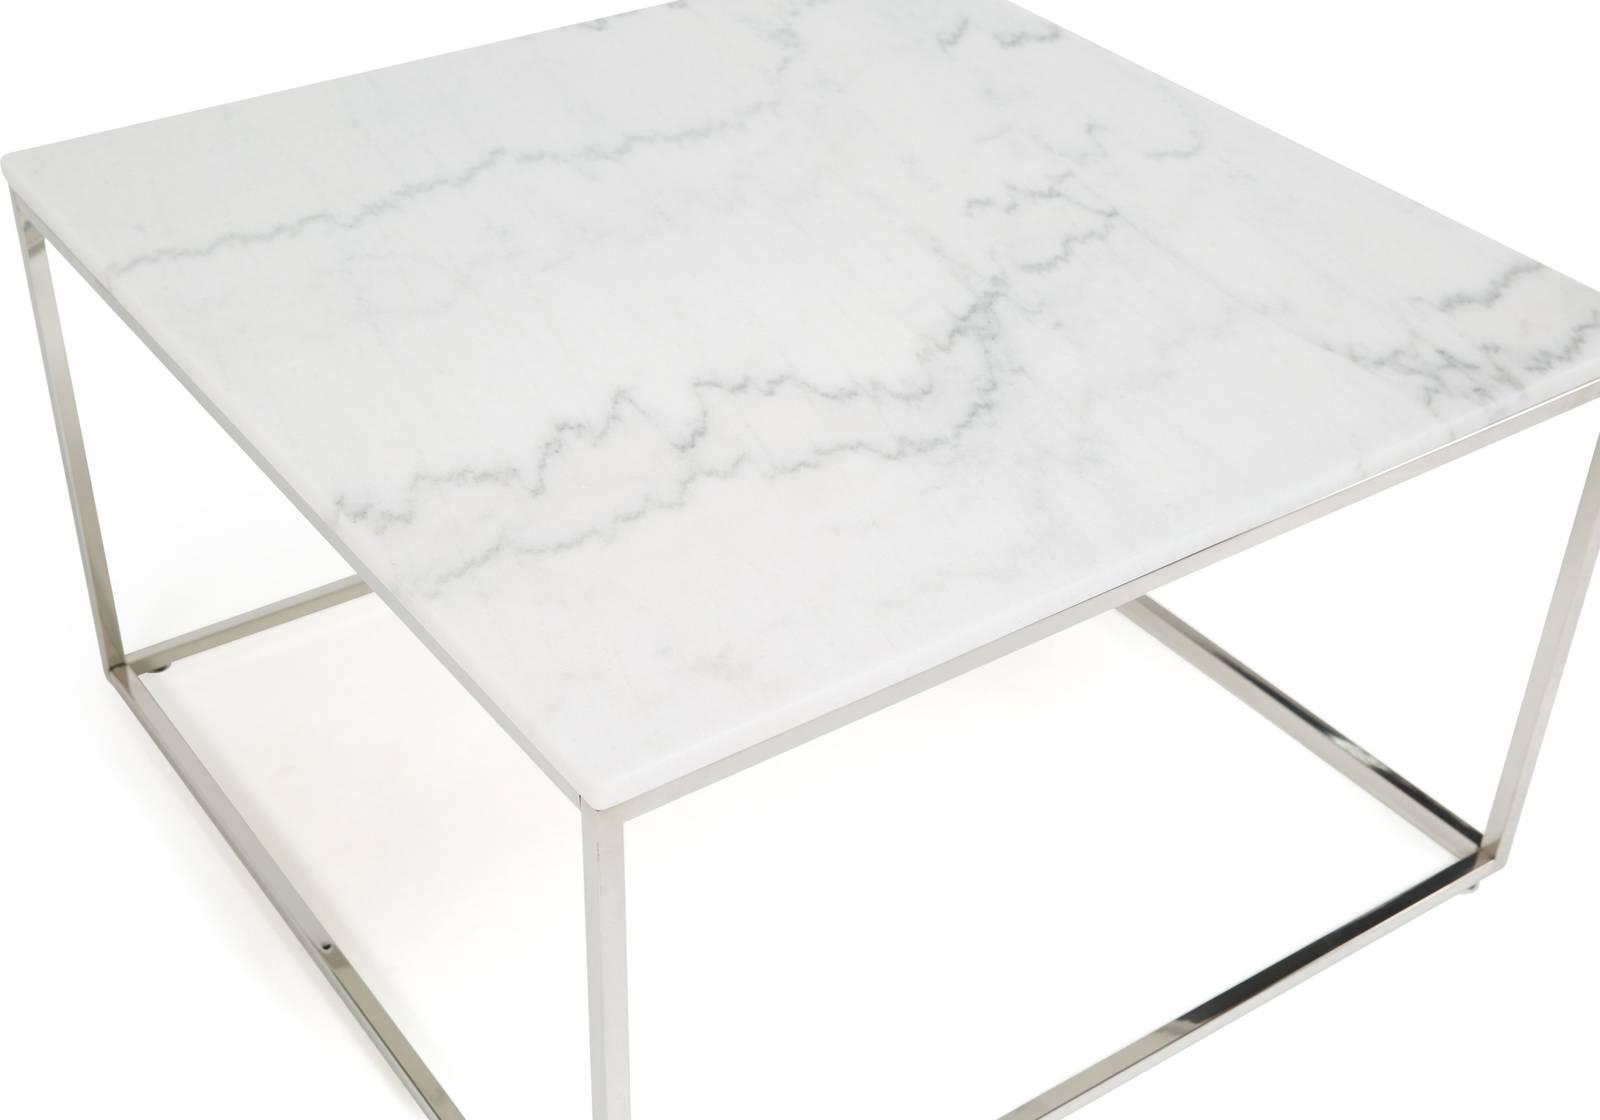 Sohvapöytä Olga 75x75x45 cm valkoinen marmori teräs teräs